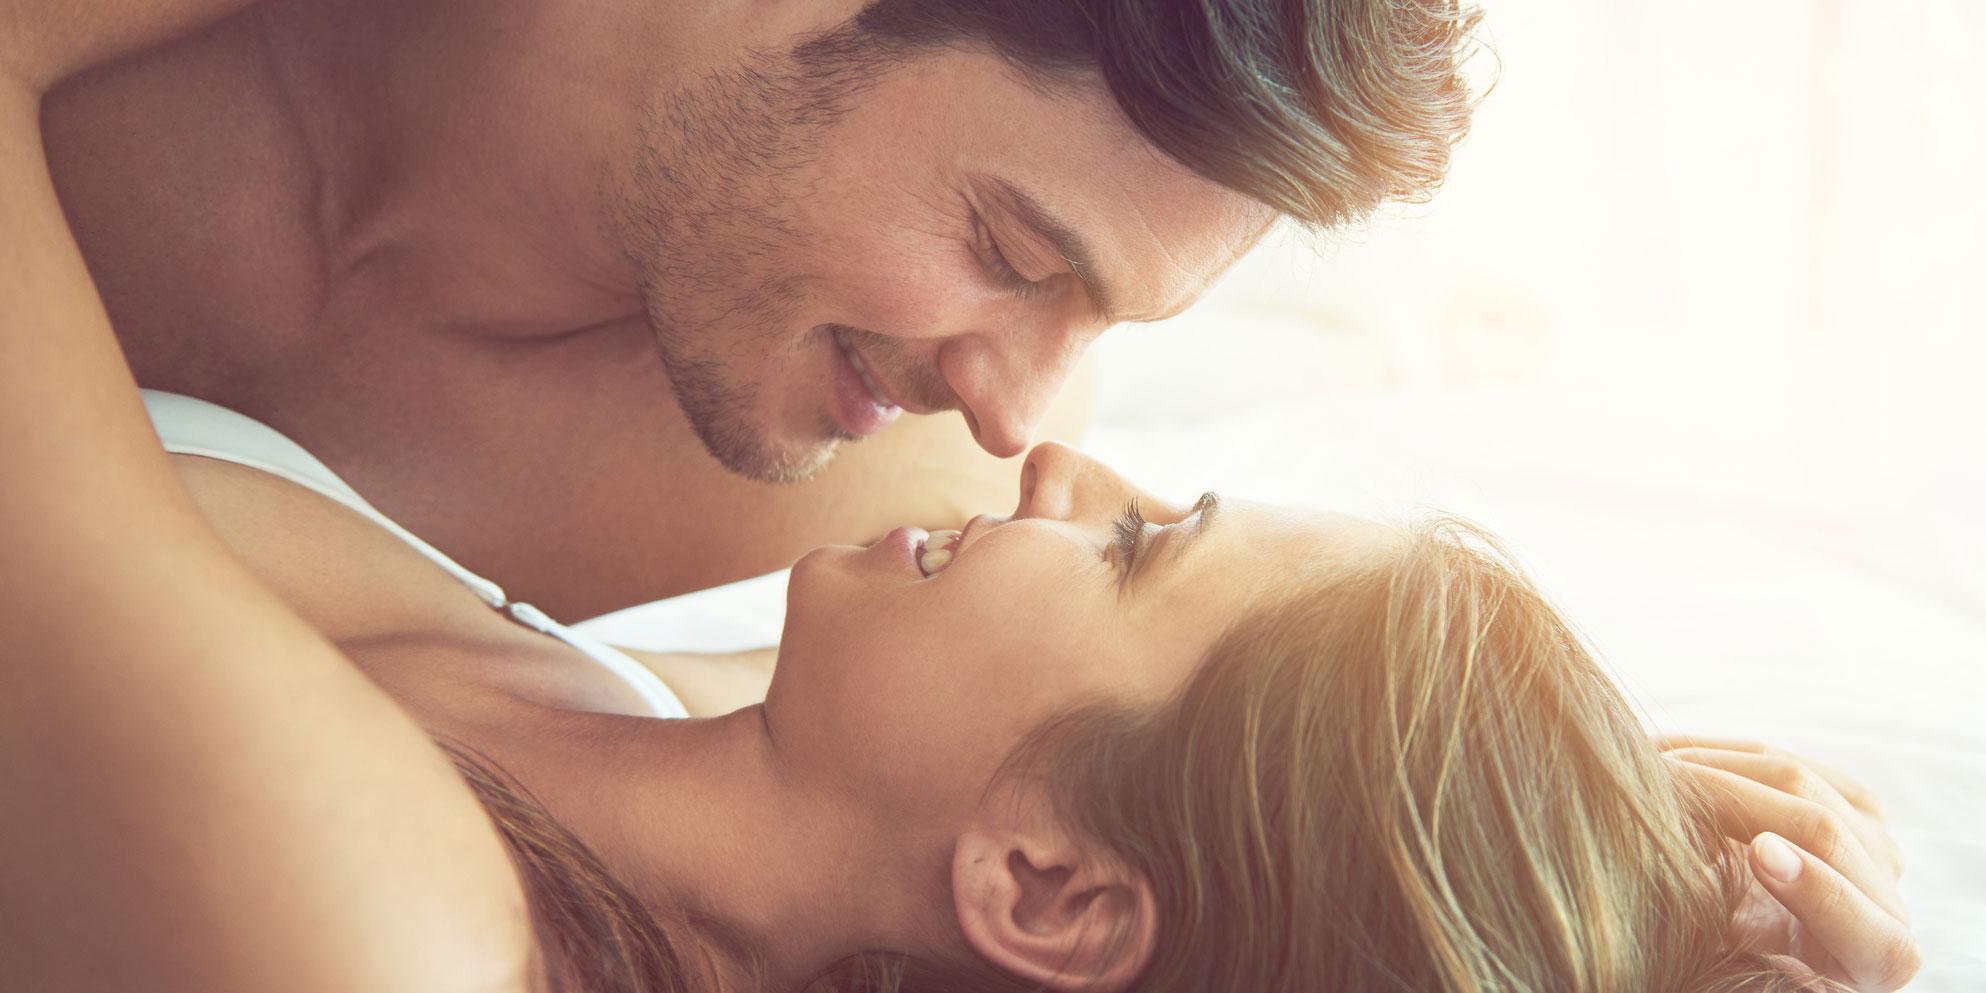 Смотреть секс оргазм красиво, Оргазмы - Смотреть порно онлайн, секс видео бесплатно 29 фотография